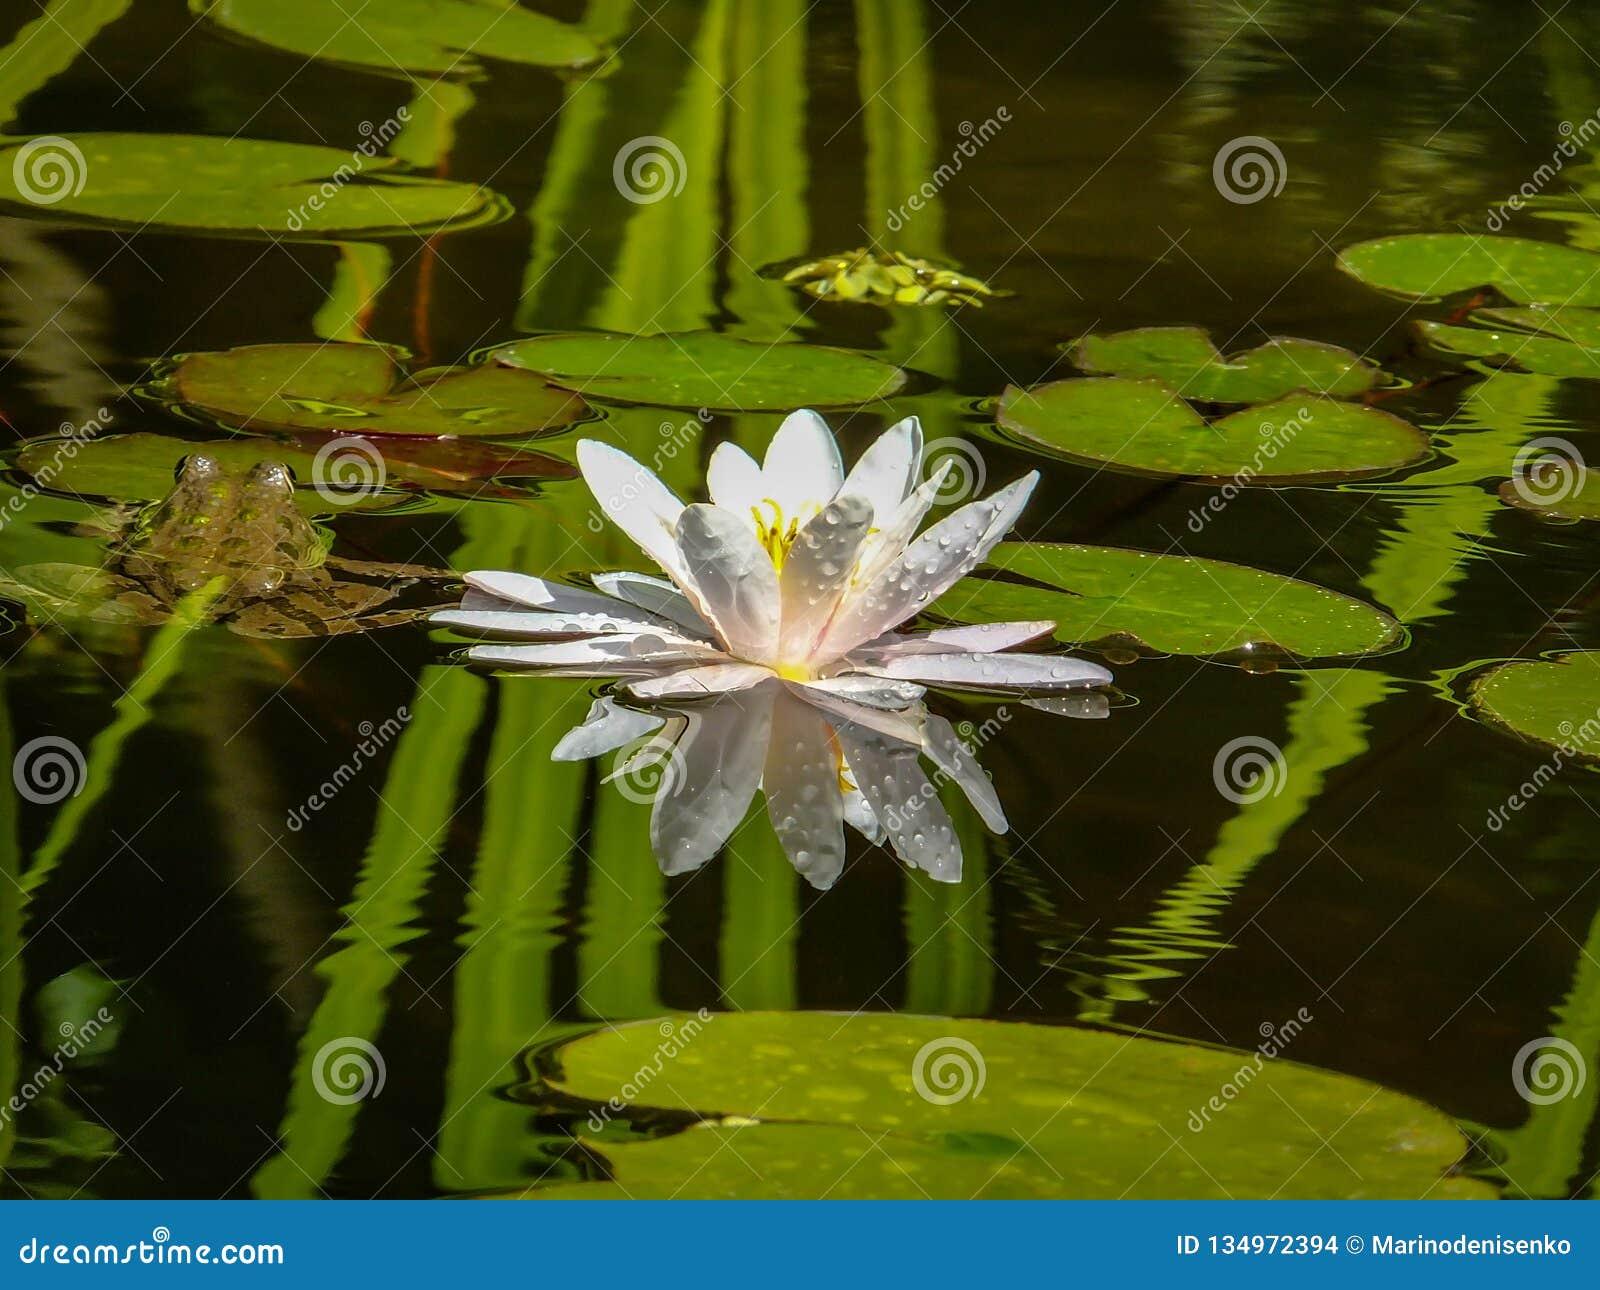 El lirio de agua blanca o la flor de loto hermoso Marliacea Rosea se refleja en el espejo negro de la charca con reflexiones del